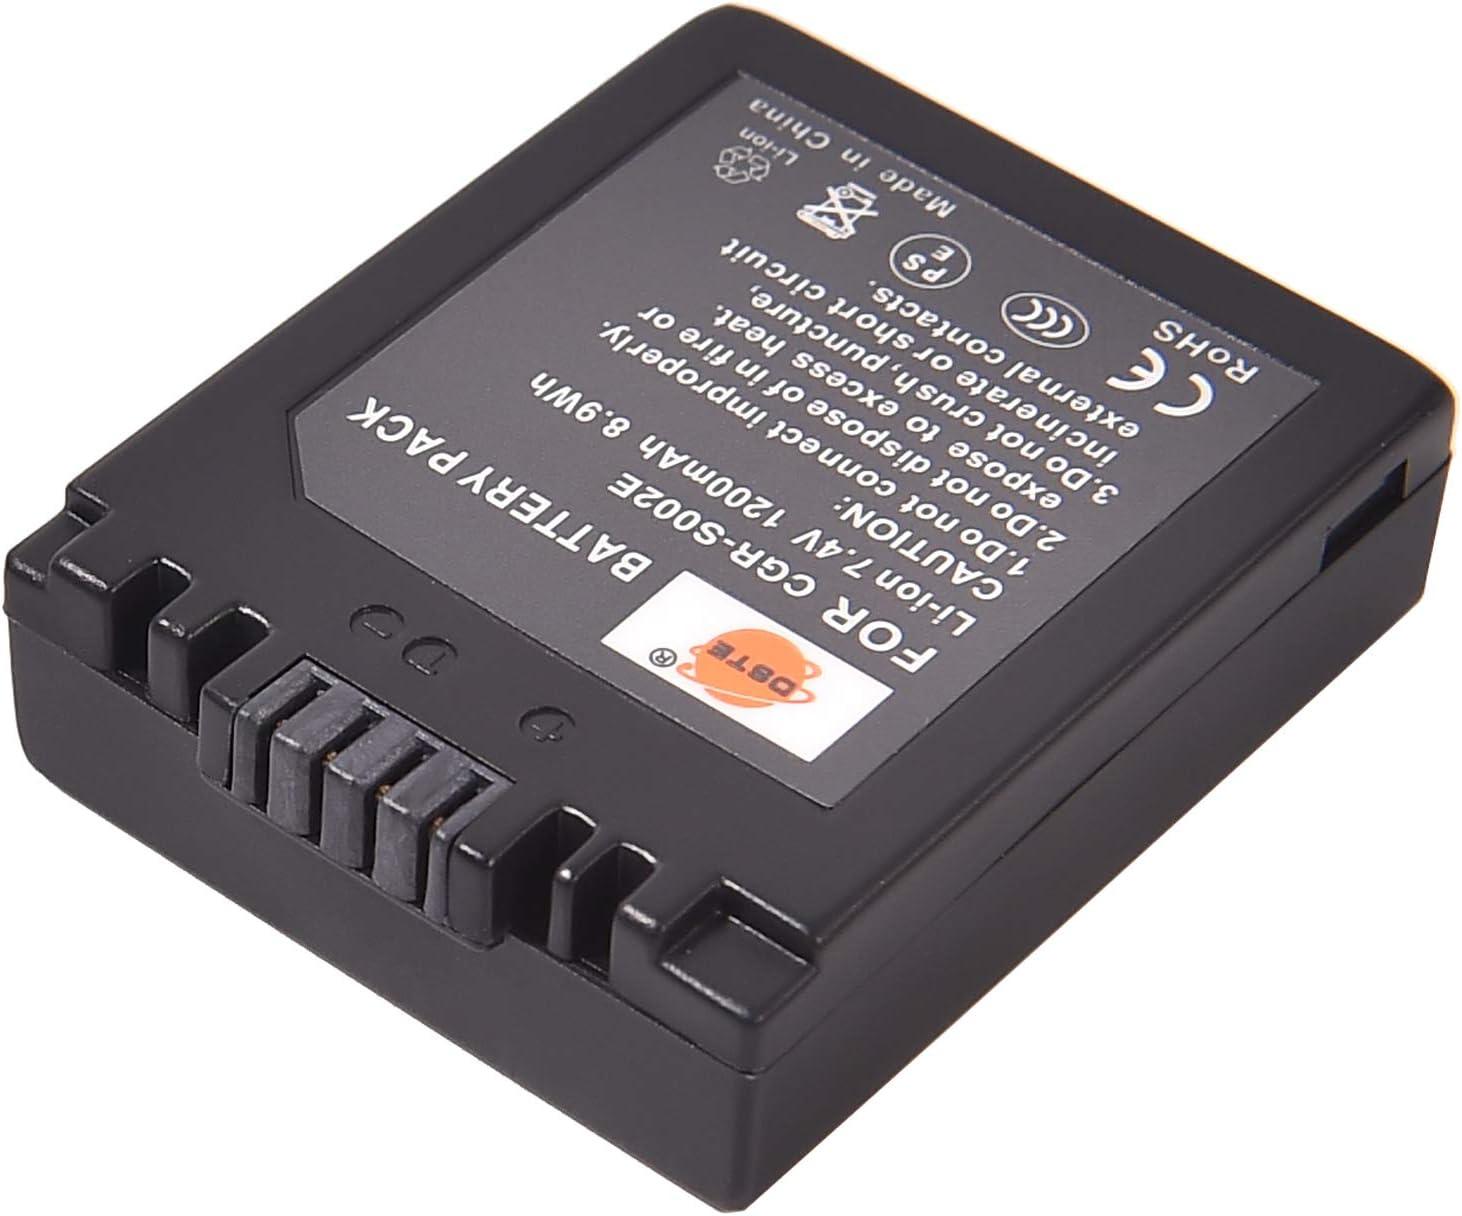 DMC-FZ4 DMW-BM7 and Lumix DMC-FZ1 CGA-S002A DMC-FZ10 CGA-S002E DMC-FZ15 DSTE/® S002E Li-ion Bater/ía para Panasonic CGA-S002 DMC-FZ3 DMC-FZ20 DMC-FZ2 DMC-FZ5